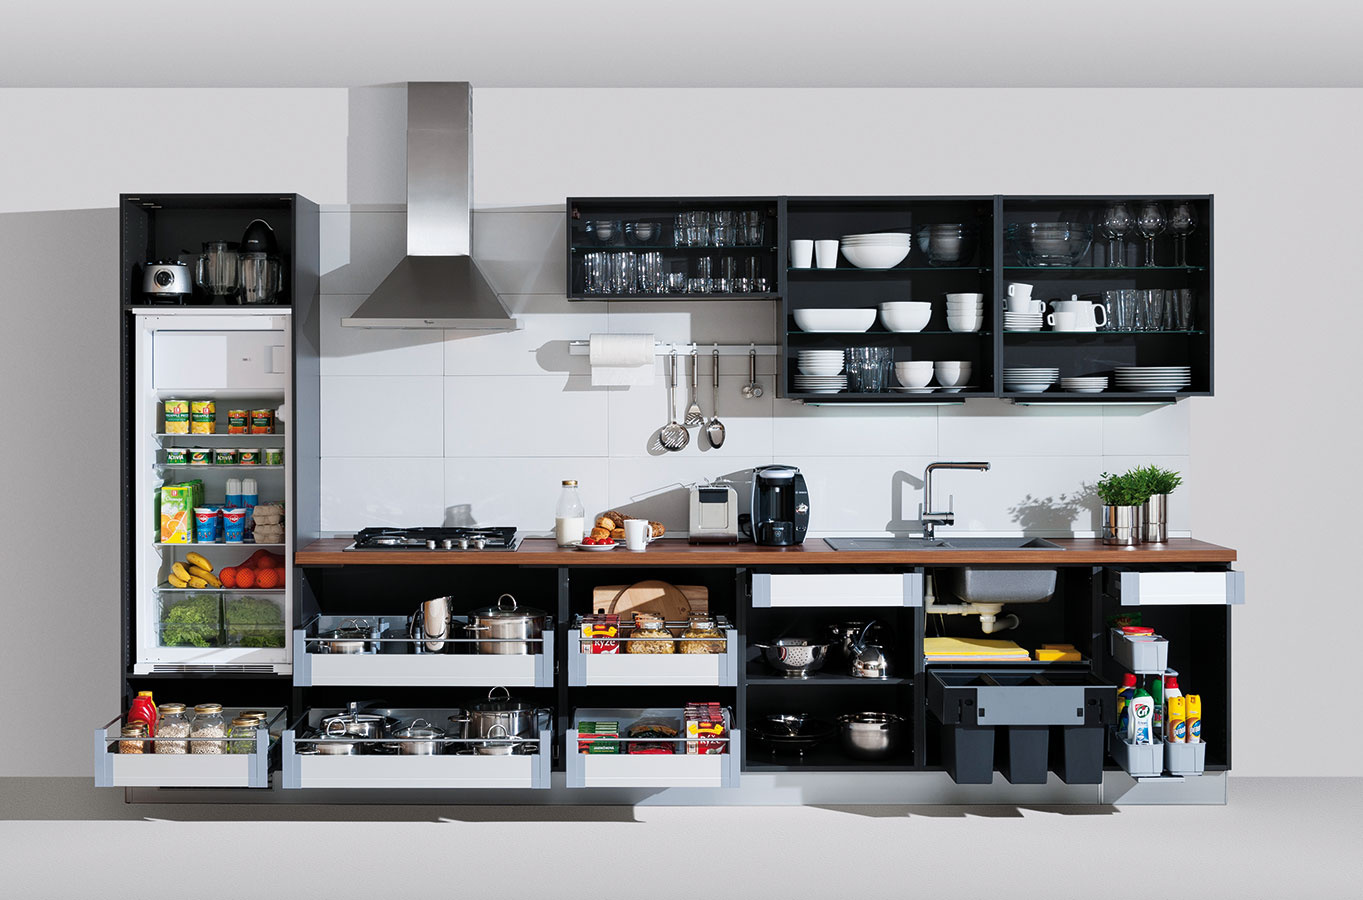 Precízny plán je základom aj pri návrhu kuchyne. Či už si ho vytvárate sami, alebo si necháte poradiť, dobre si premyslite, čo do ktorej skrinky umiestnite a ako ju rozvrhnete. V spodnej línii skriniek sú preferovaným riešením plnovýsuvné zásuvky.